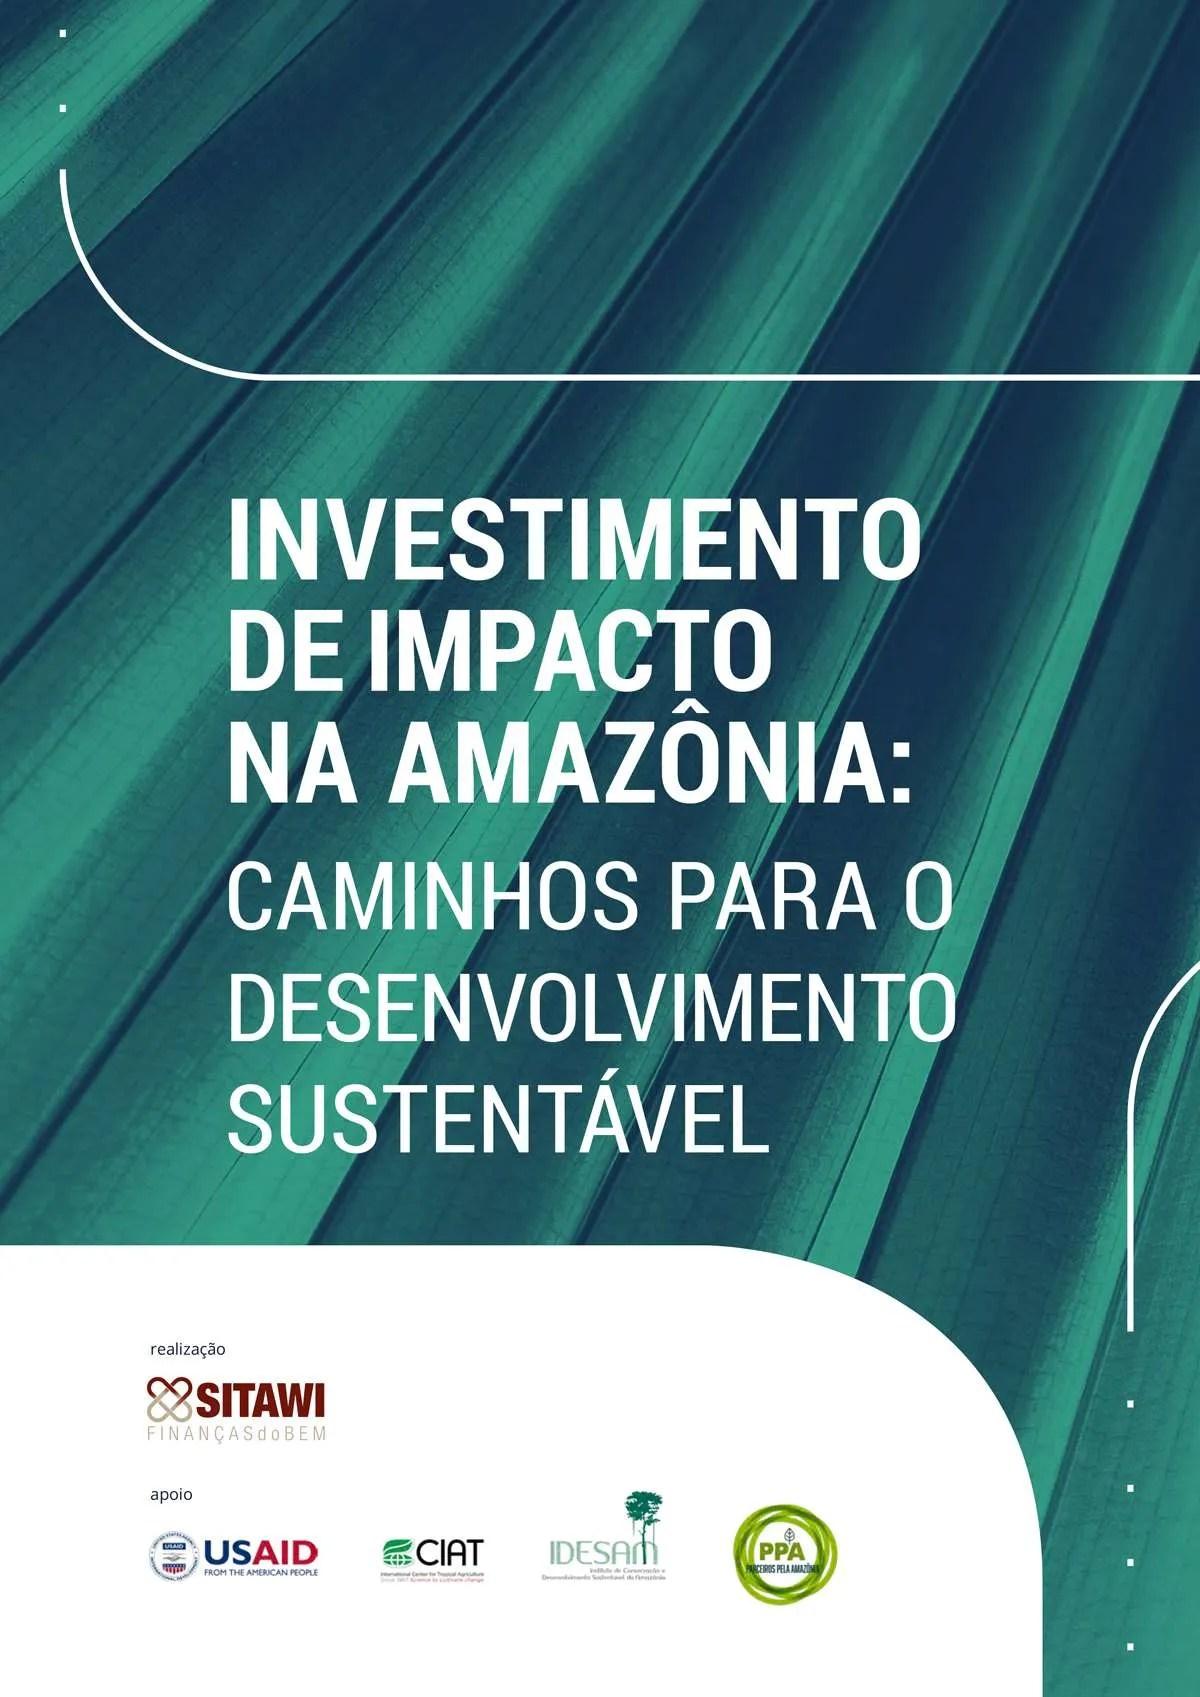 Investimento de impacto na Amazônia: caminhos para o desenvolvimento sustentável